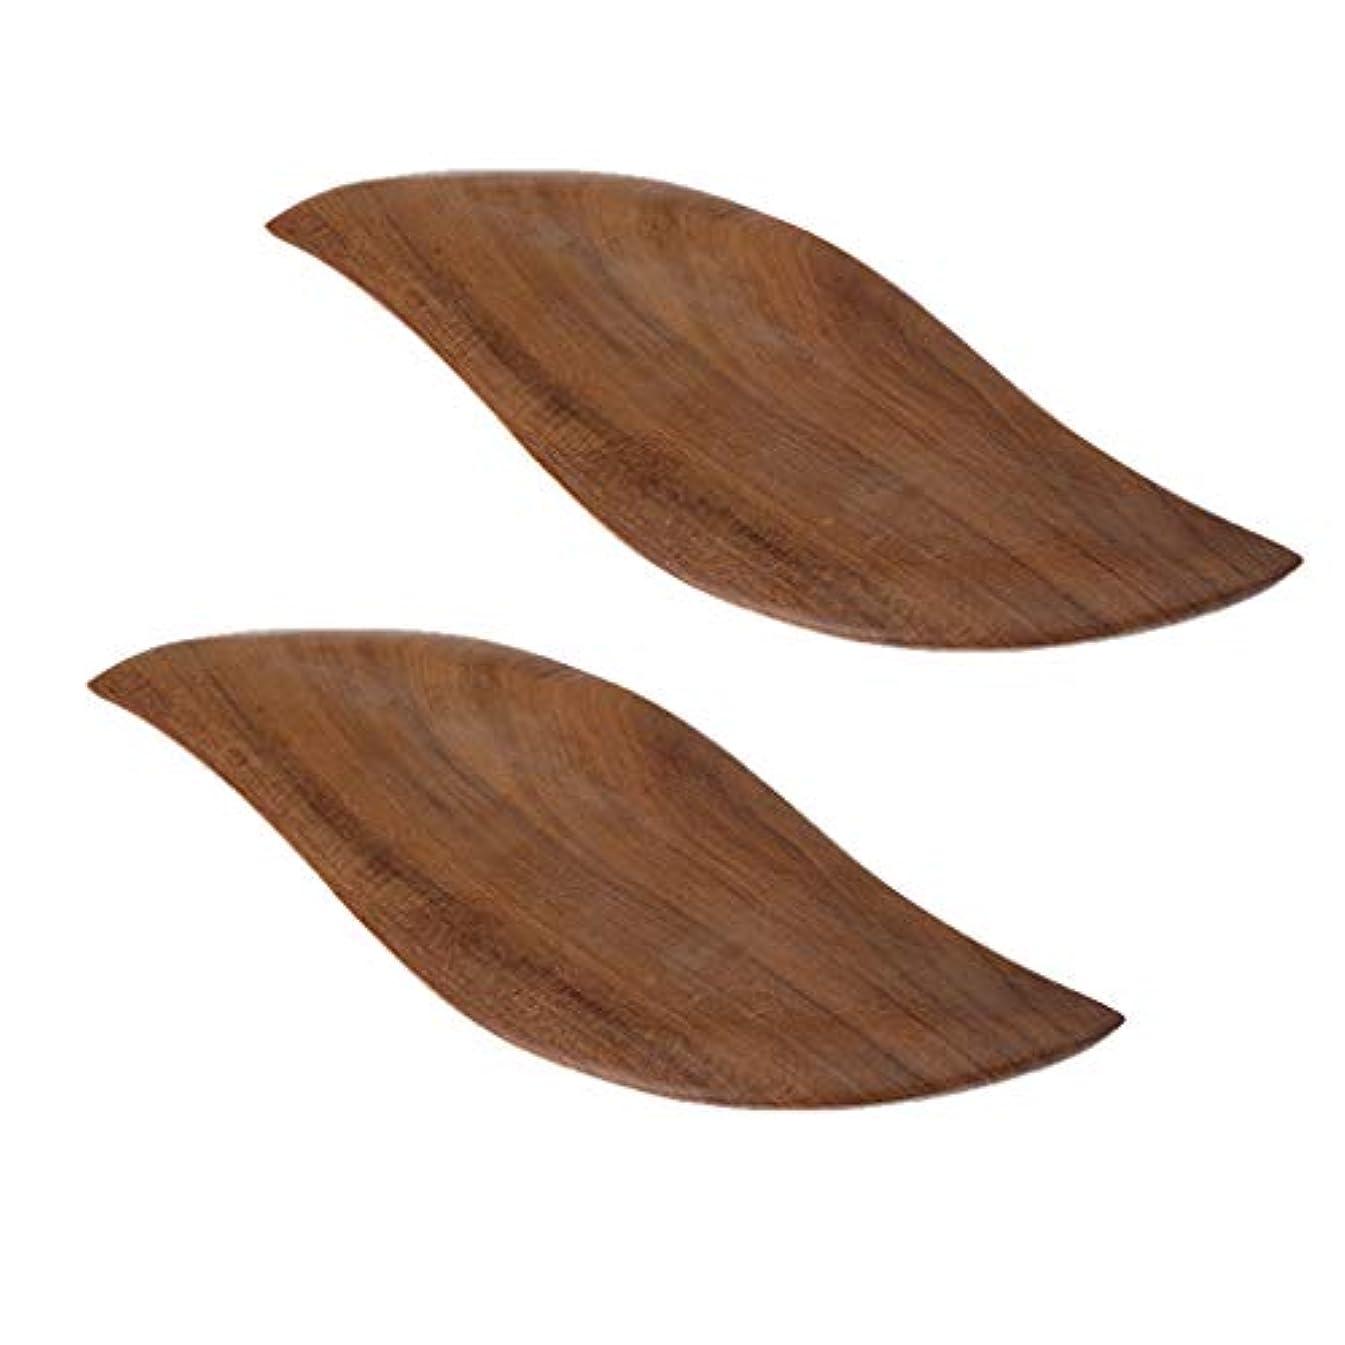 手紙を書くコンパスどこにもBaoblaze 2枚 かっさプレート フェイスケア ボディーケア リラックス ツボ押し 木製